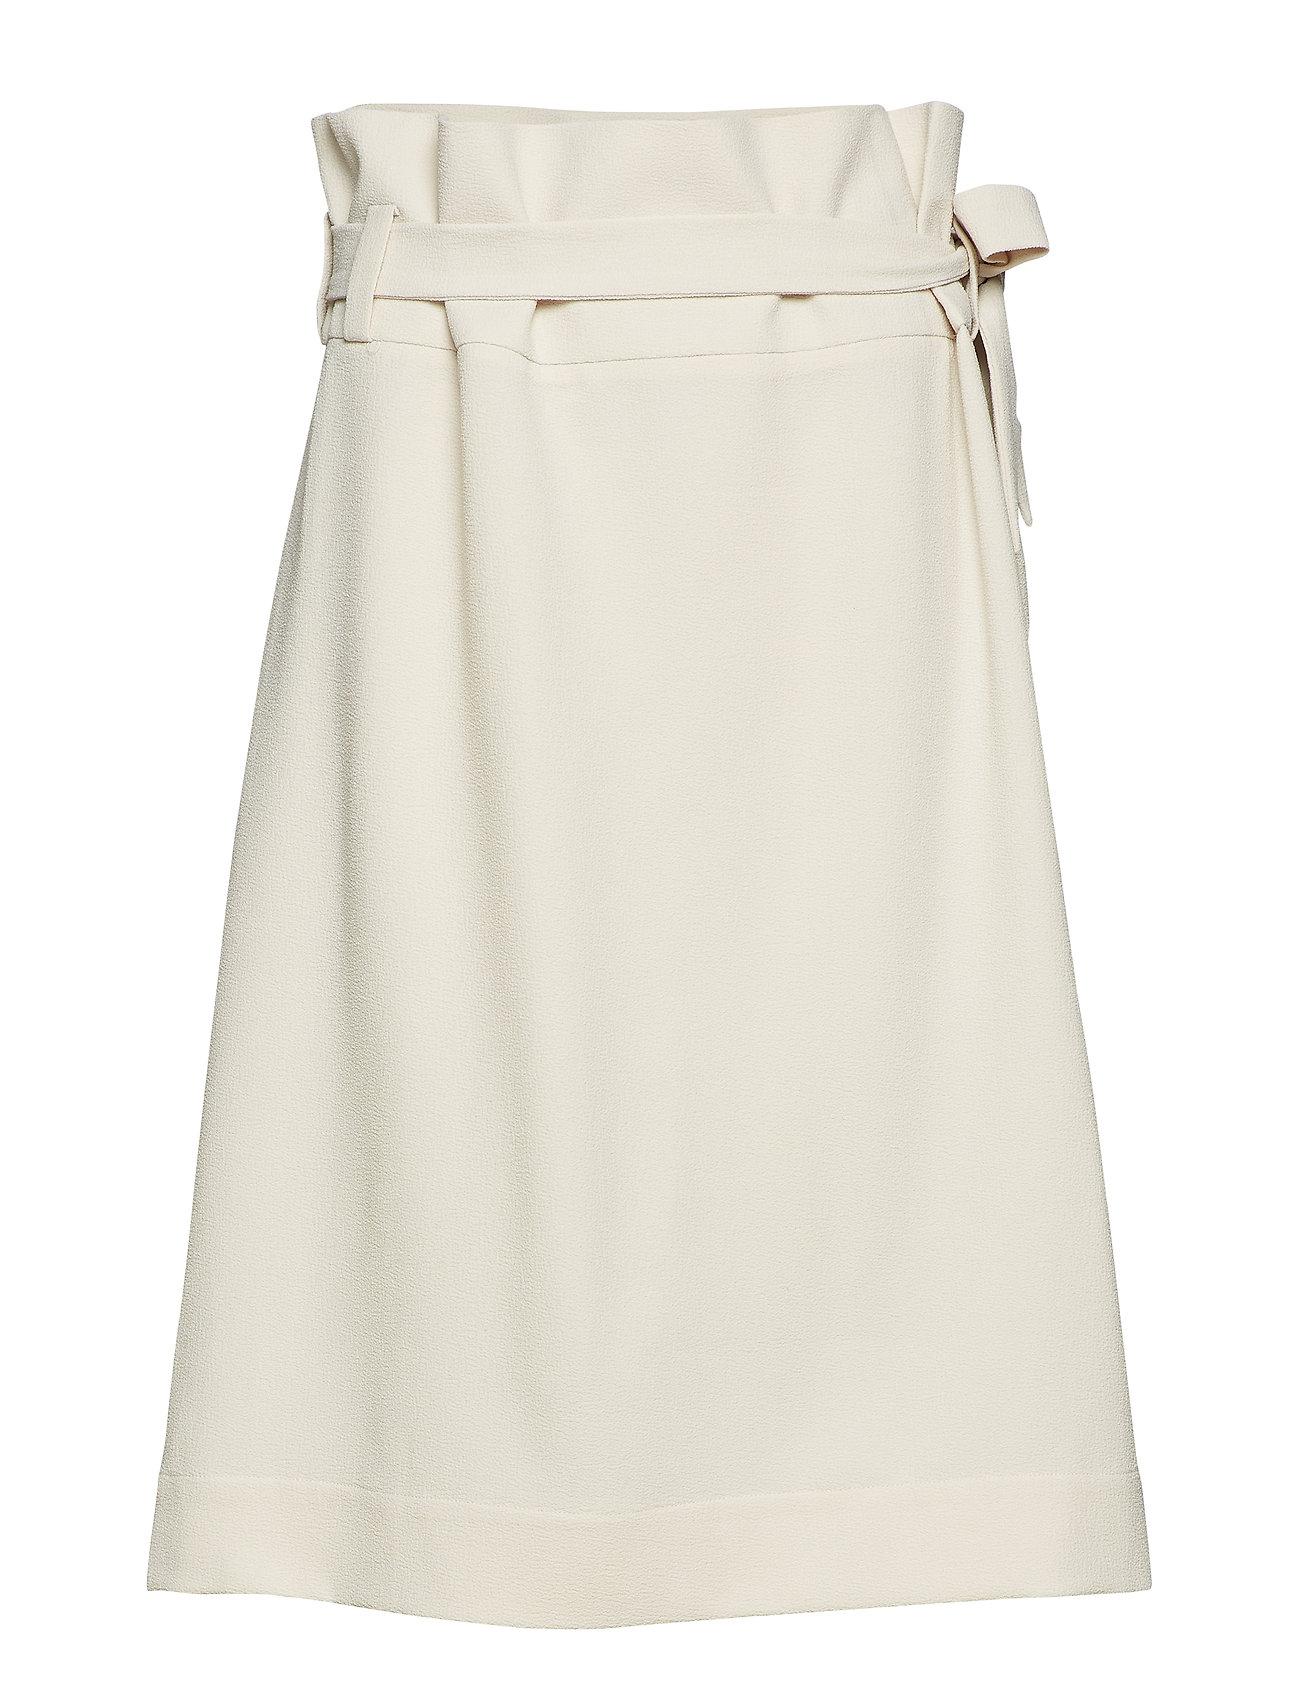 Cathrine Hammel Skirt - OFF WHITE